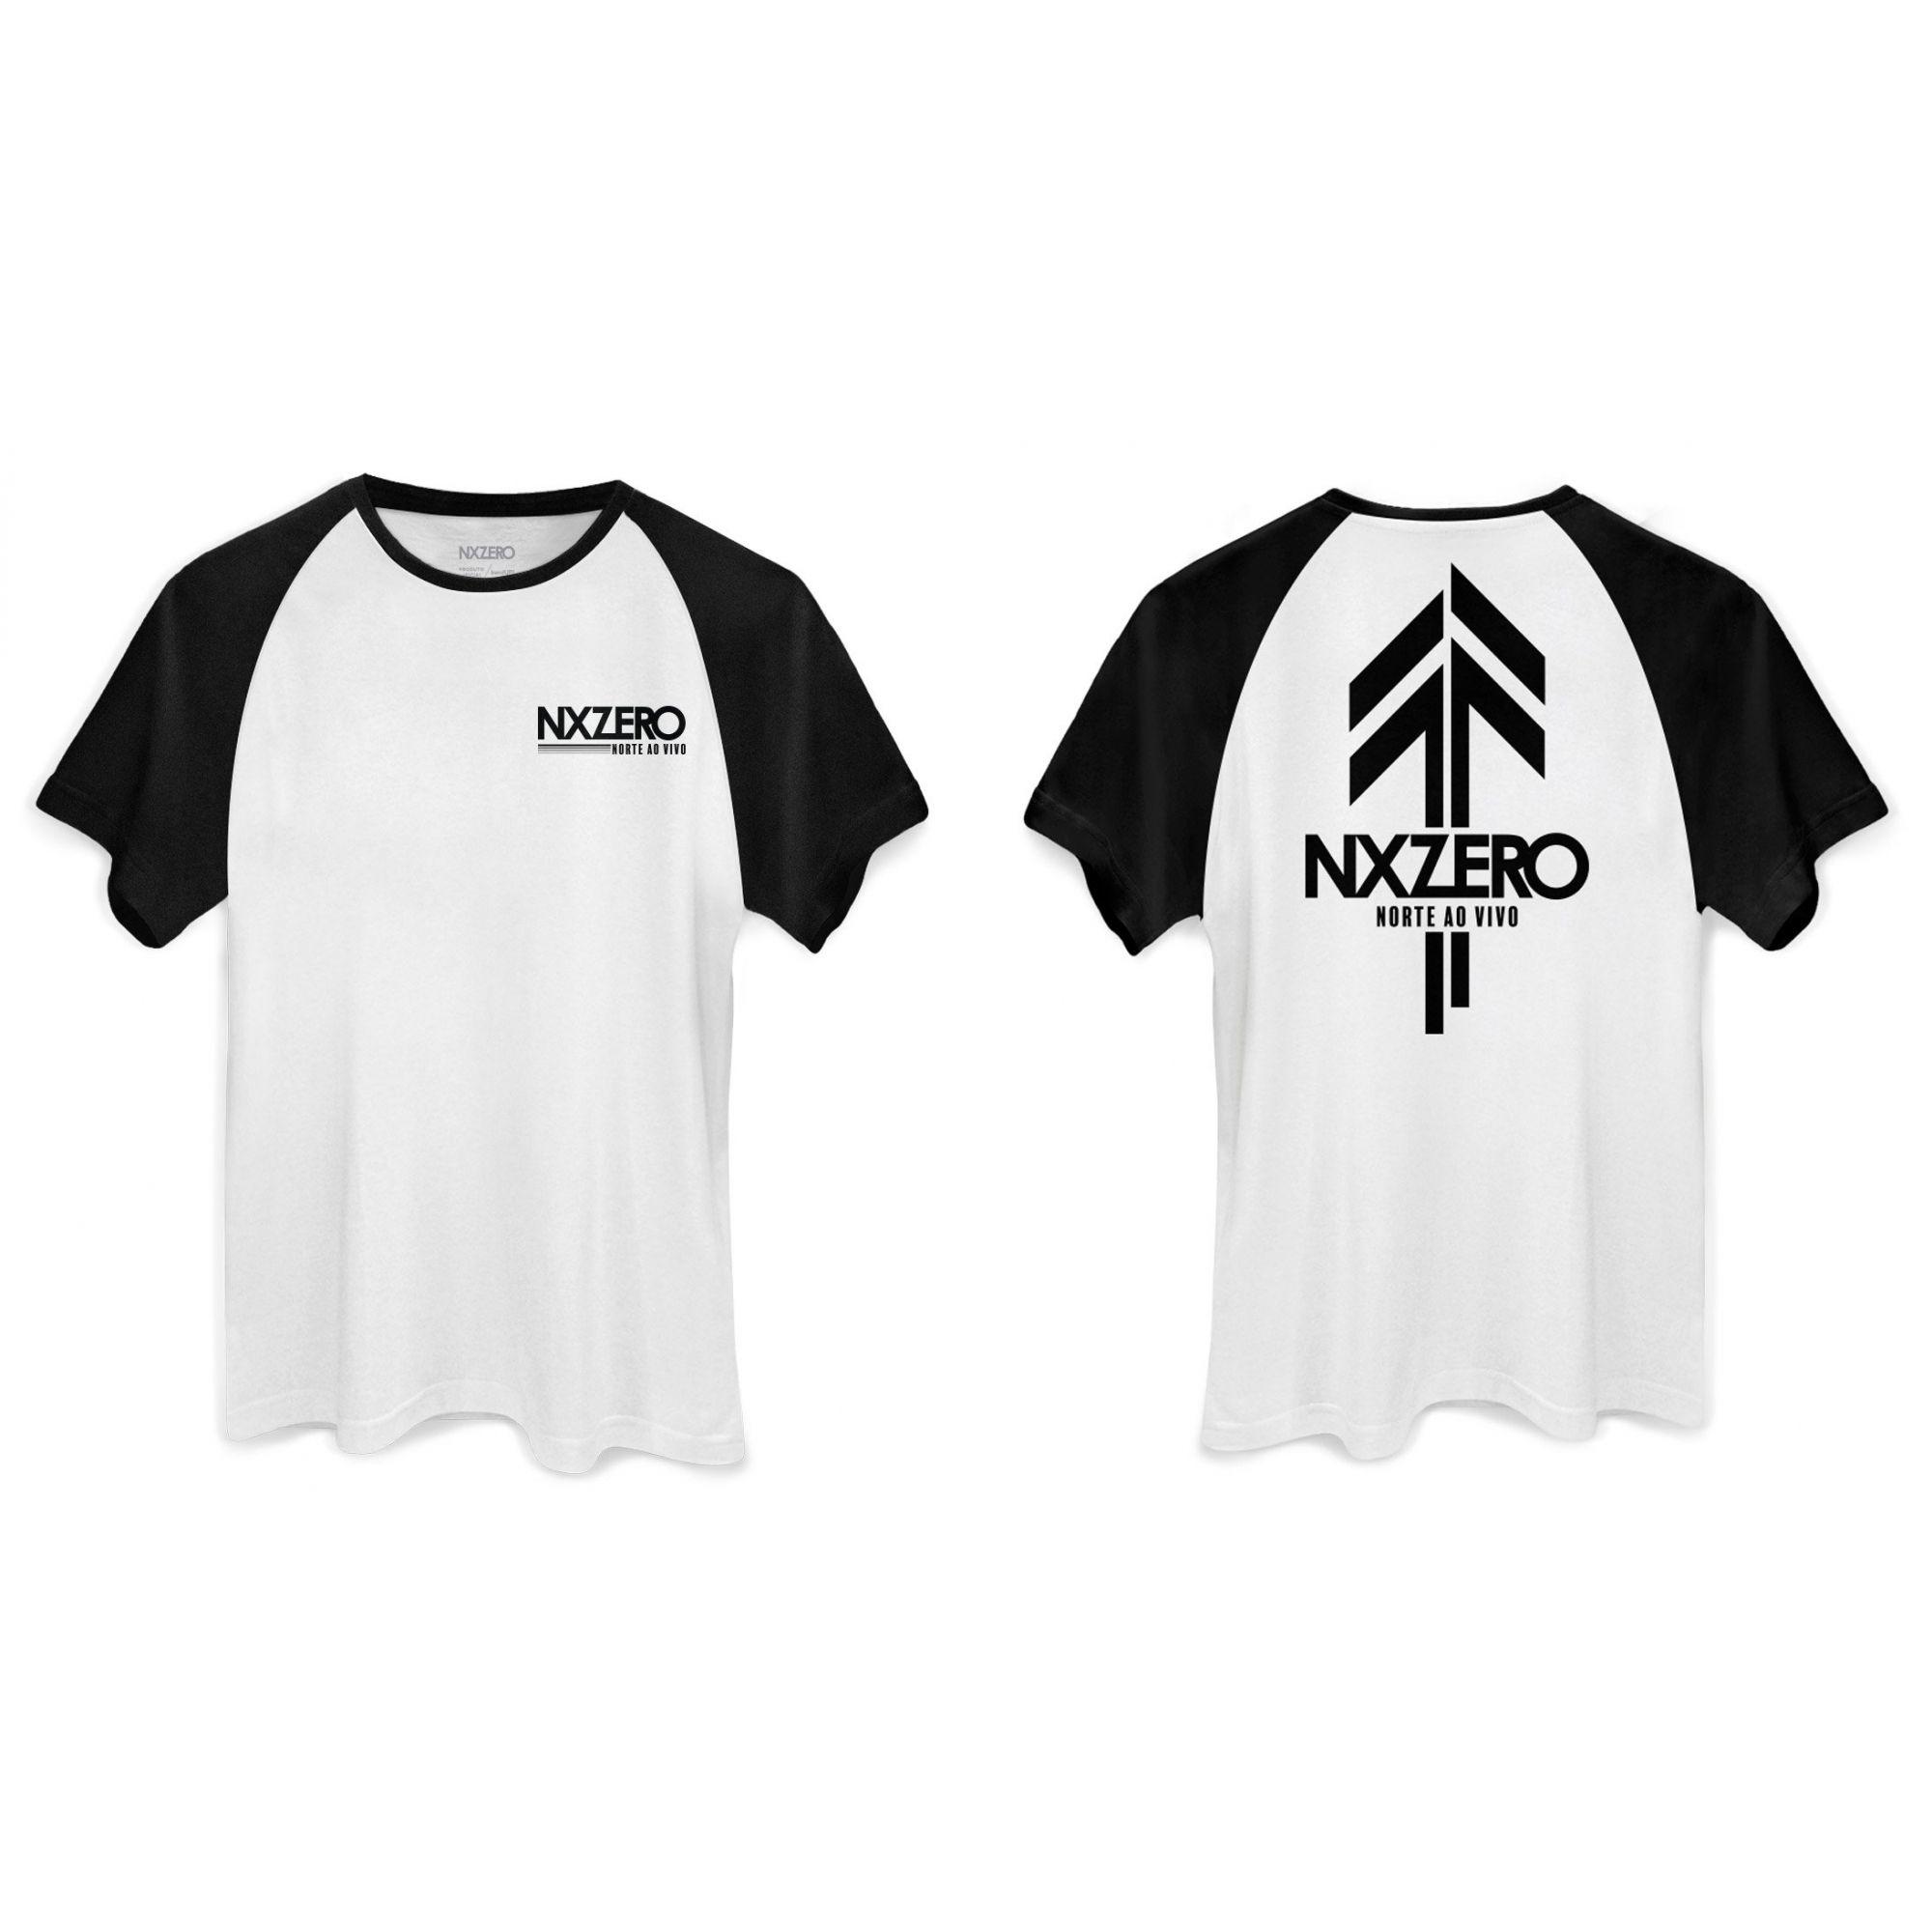 Camiseta Masculina Raglan NXZero Norte ao Vivo